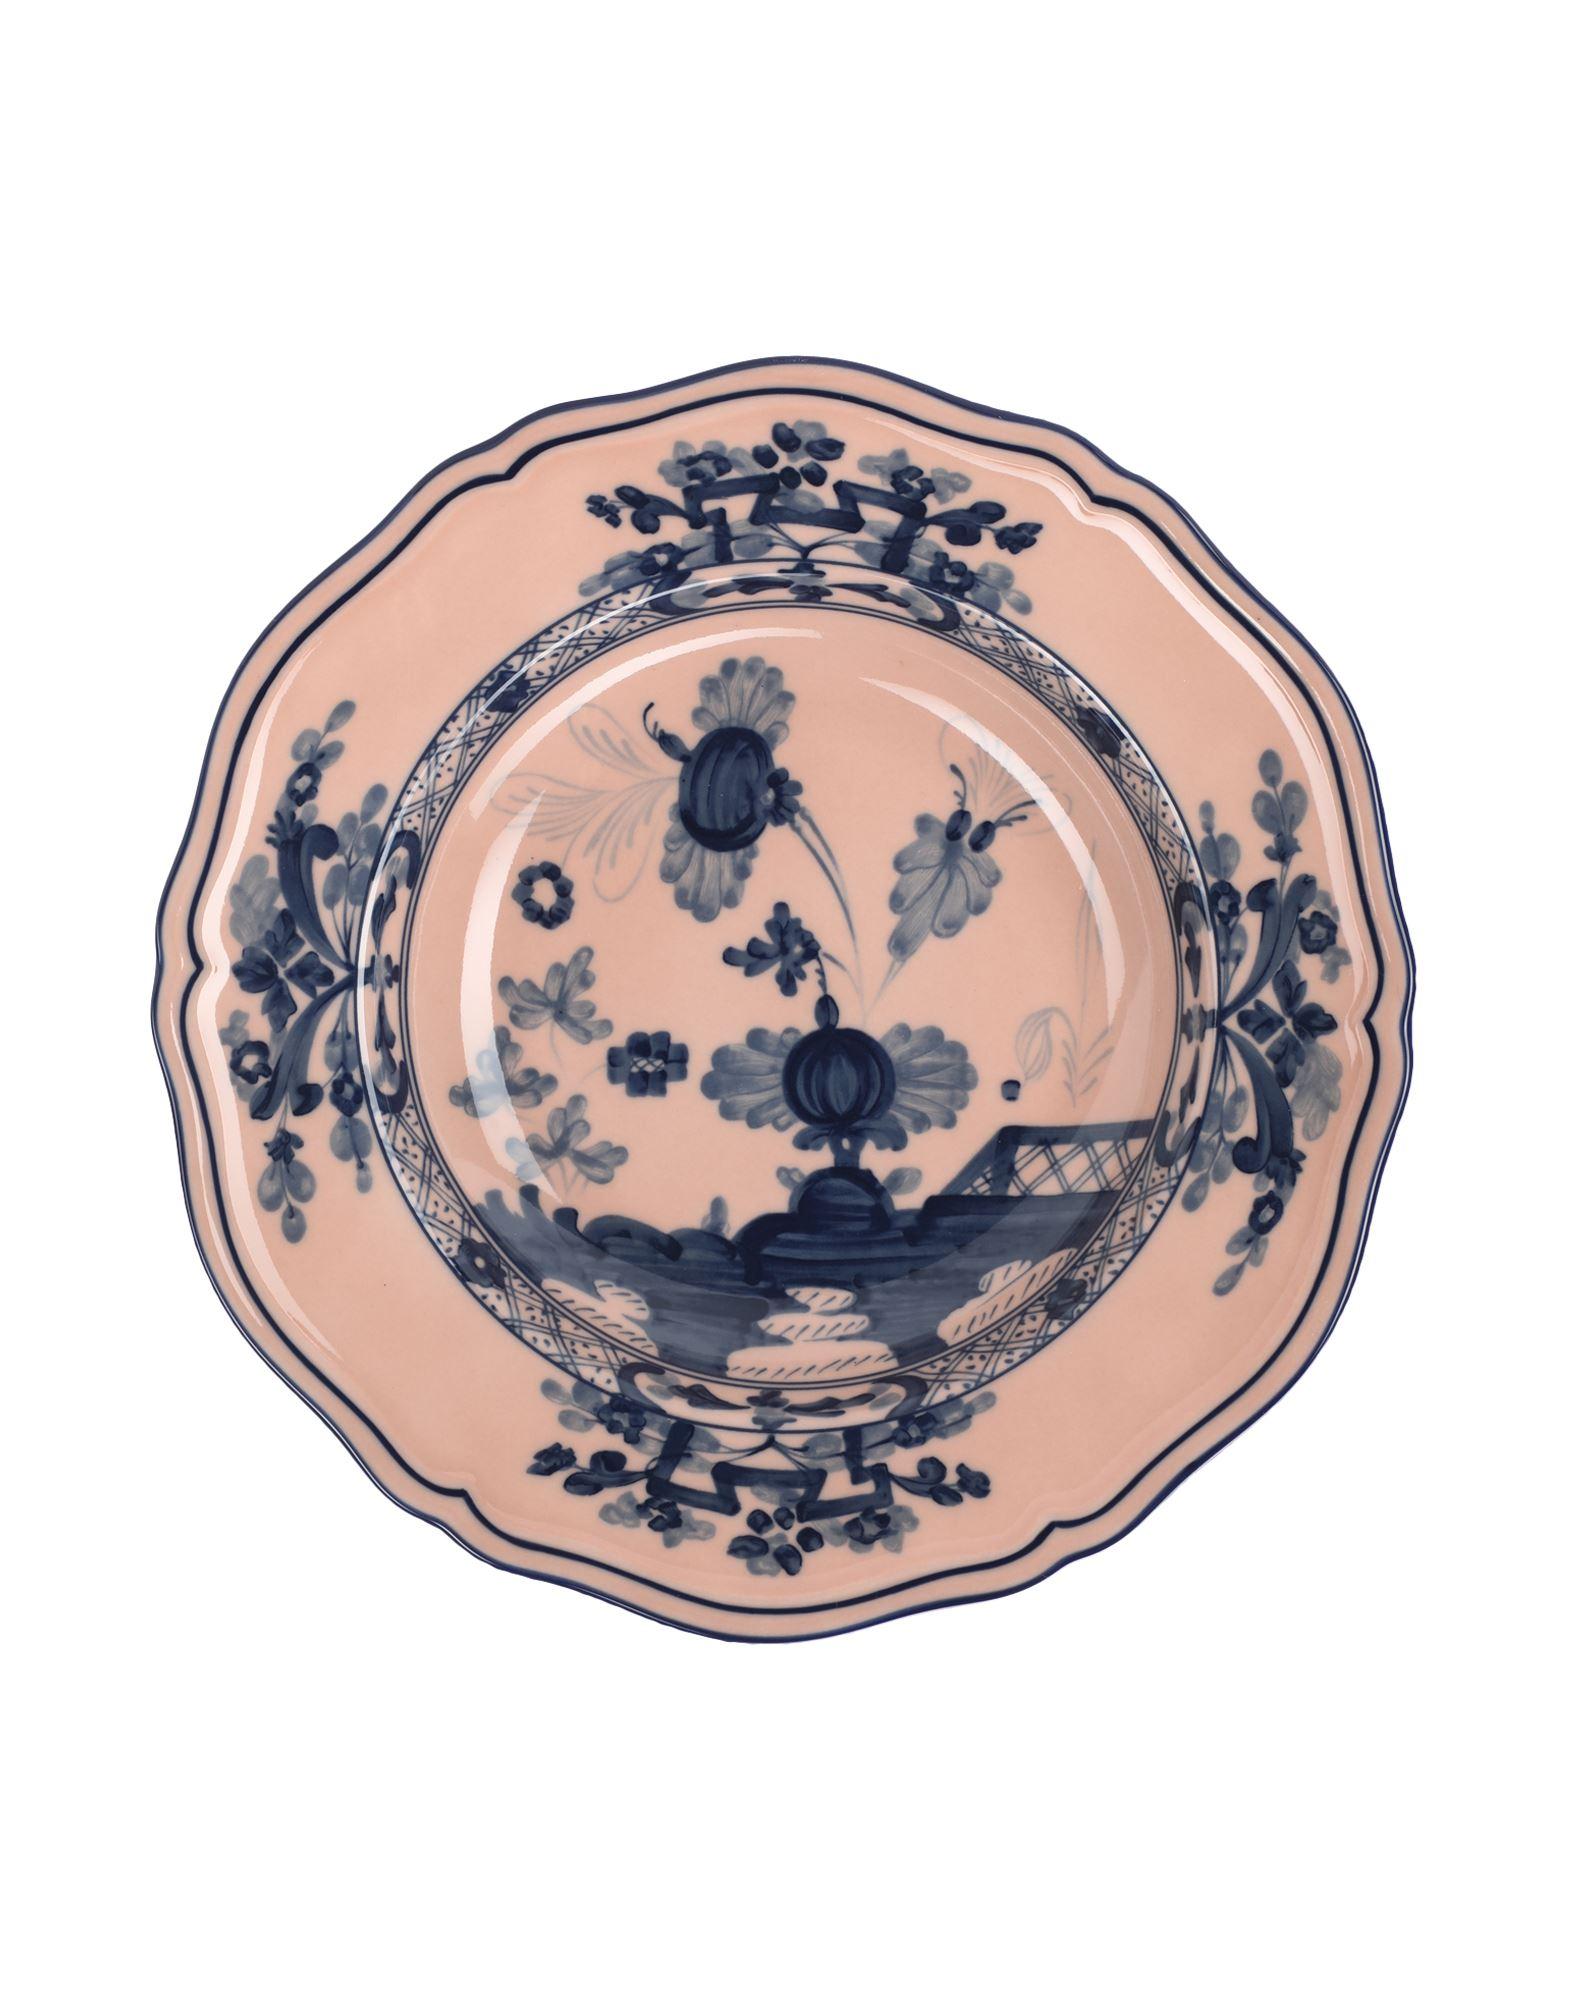 《セール開催中》RICHARD GINORI Unisex オーナメンタルプレート パステルピンク 陶製 ORIENTE ITALIANO Soup plate